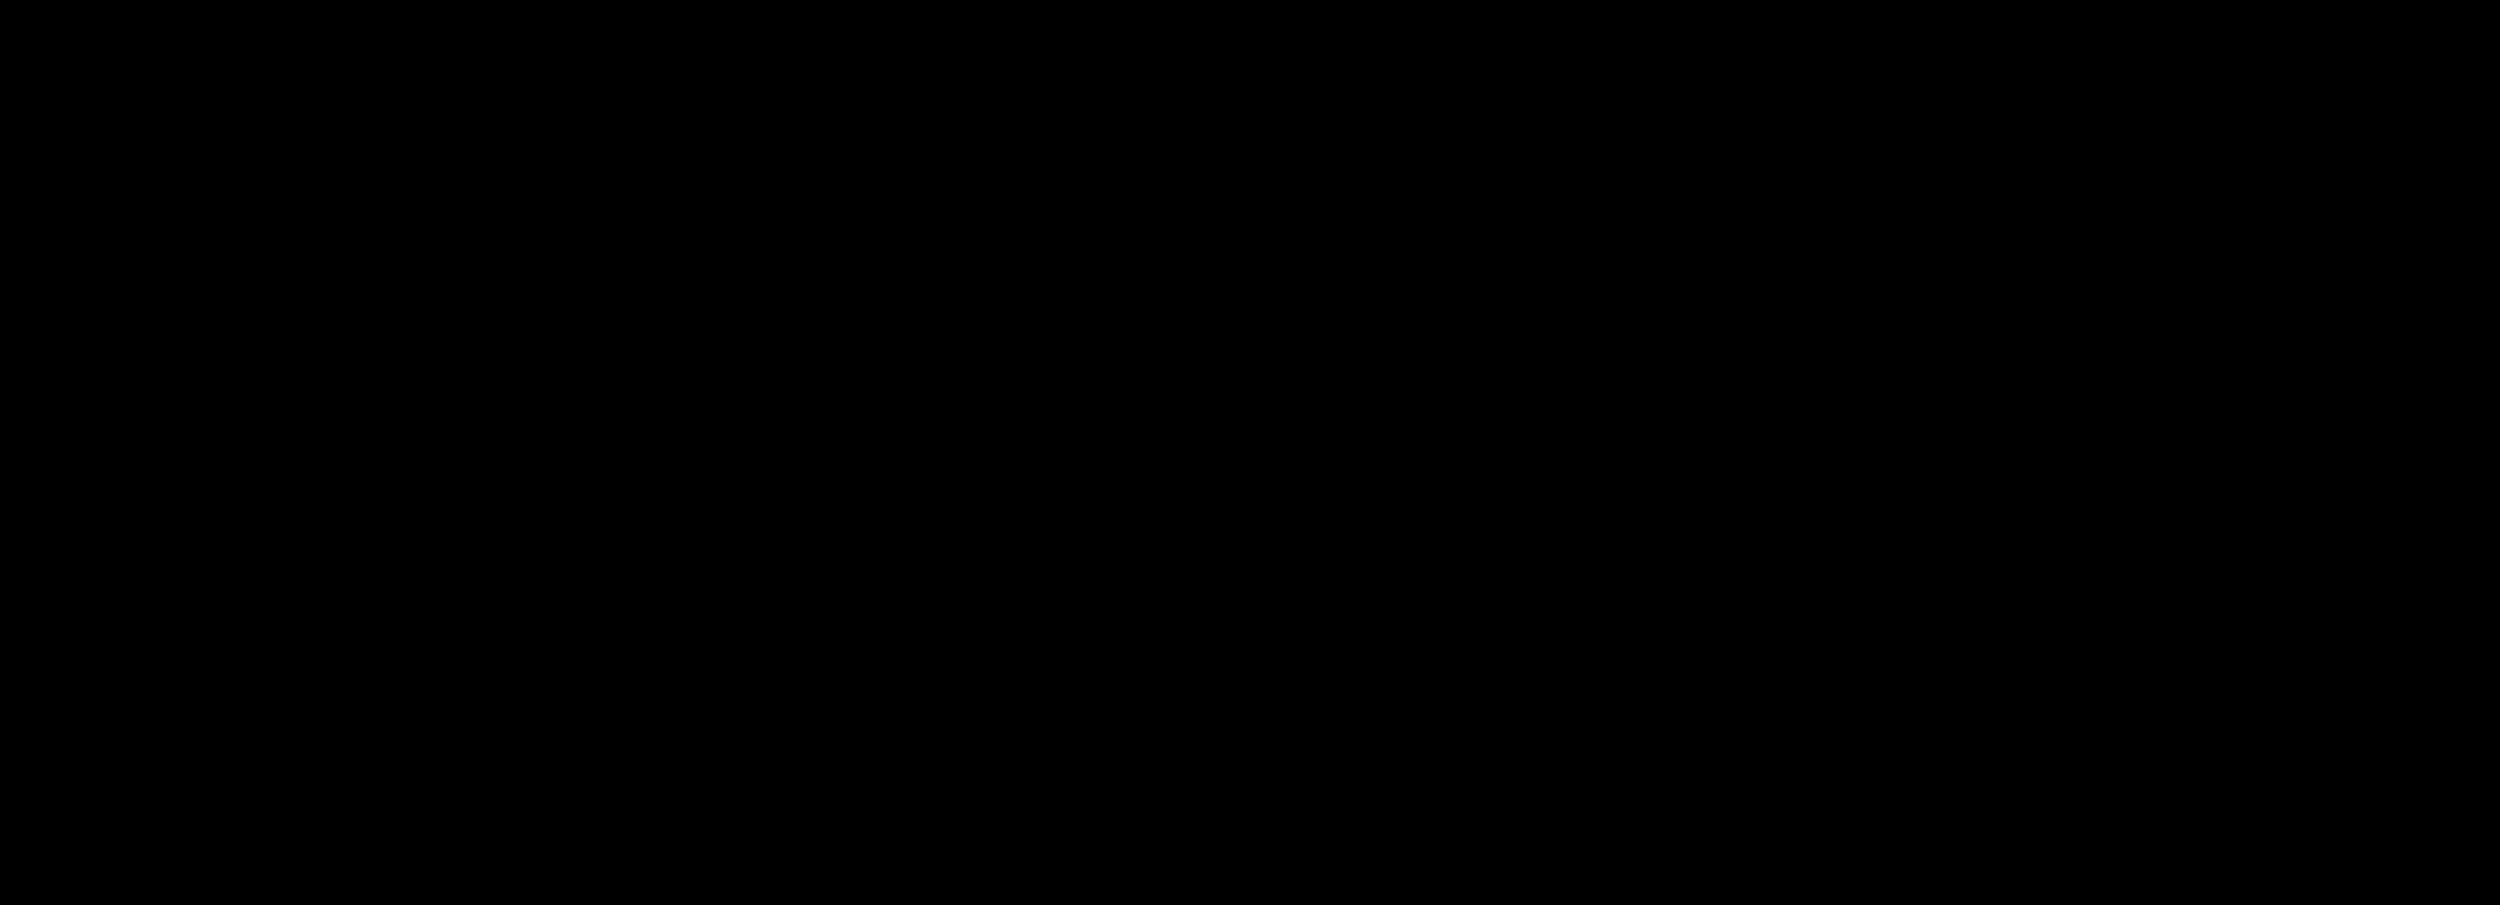 D5_type+colour-11.png